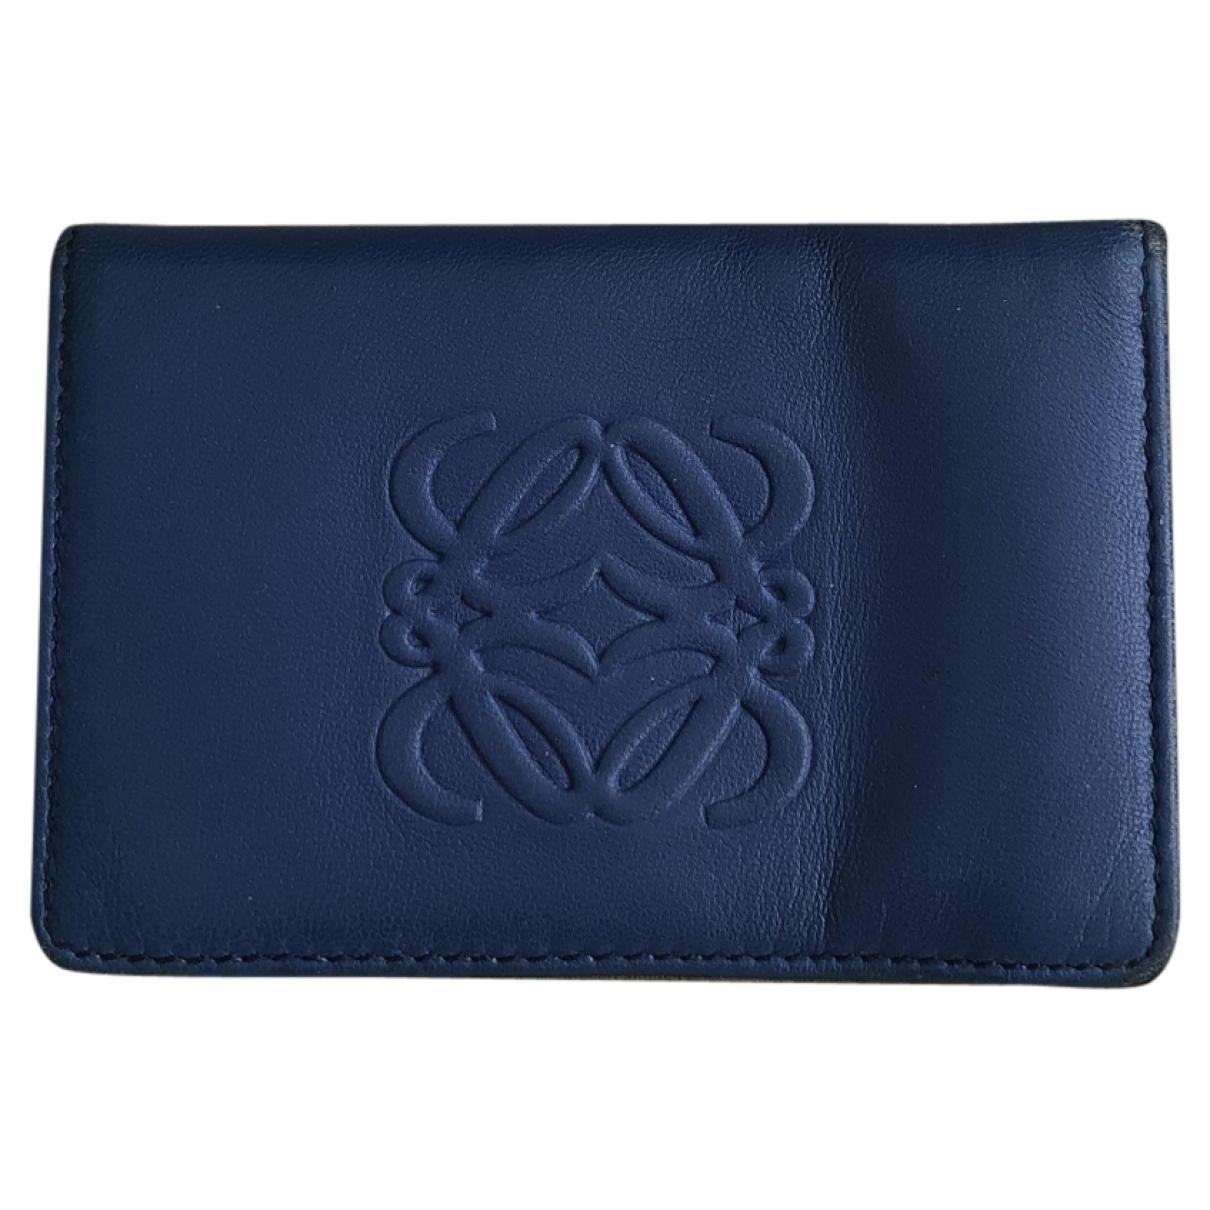 Loewe \N Blue Leather Purses, wallet & cases for Women \N